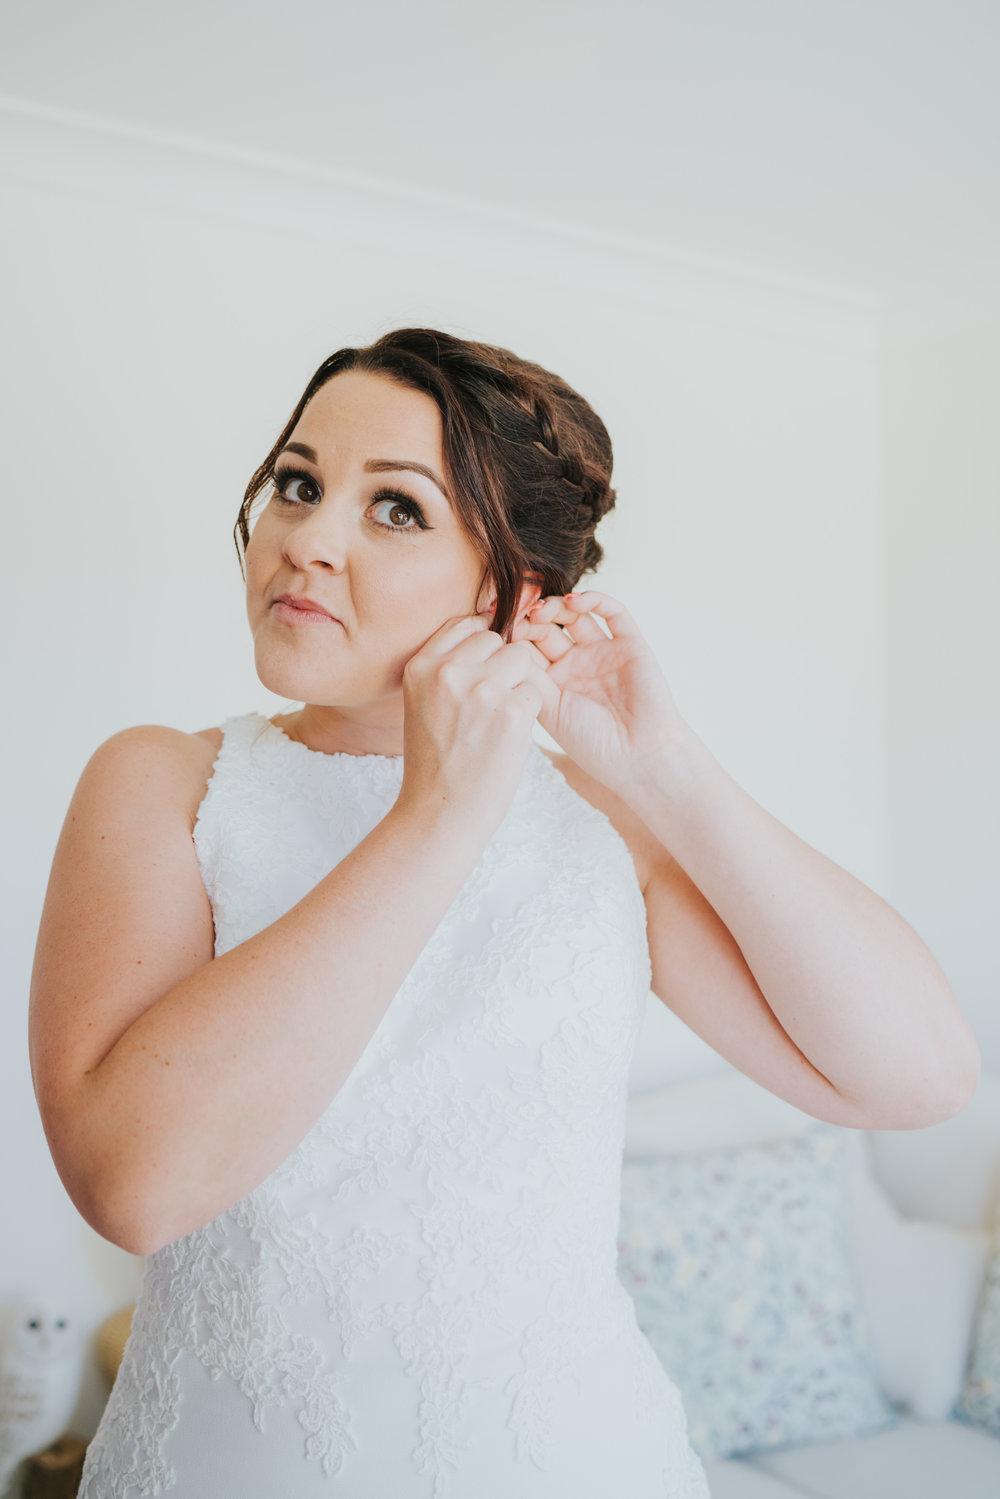 Joe-Tiffany-Colchester-Castle-Wedding-Essex-Grace-Elizabeth-Colchester-Essex-Alternative-Wedding-Photographer-Suffolk-Norfolk-Devon (34 of 122).jpg